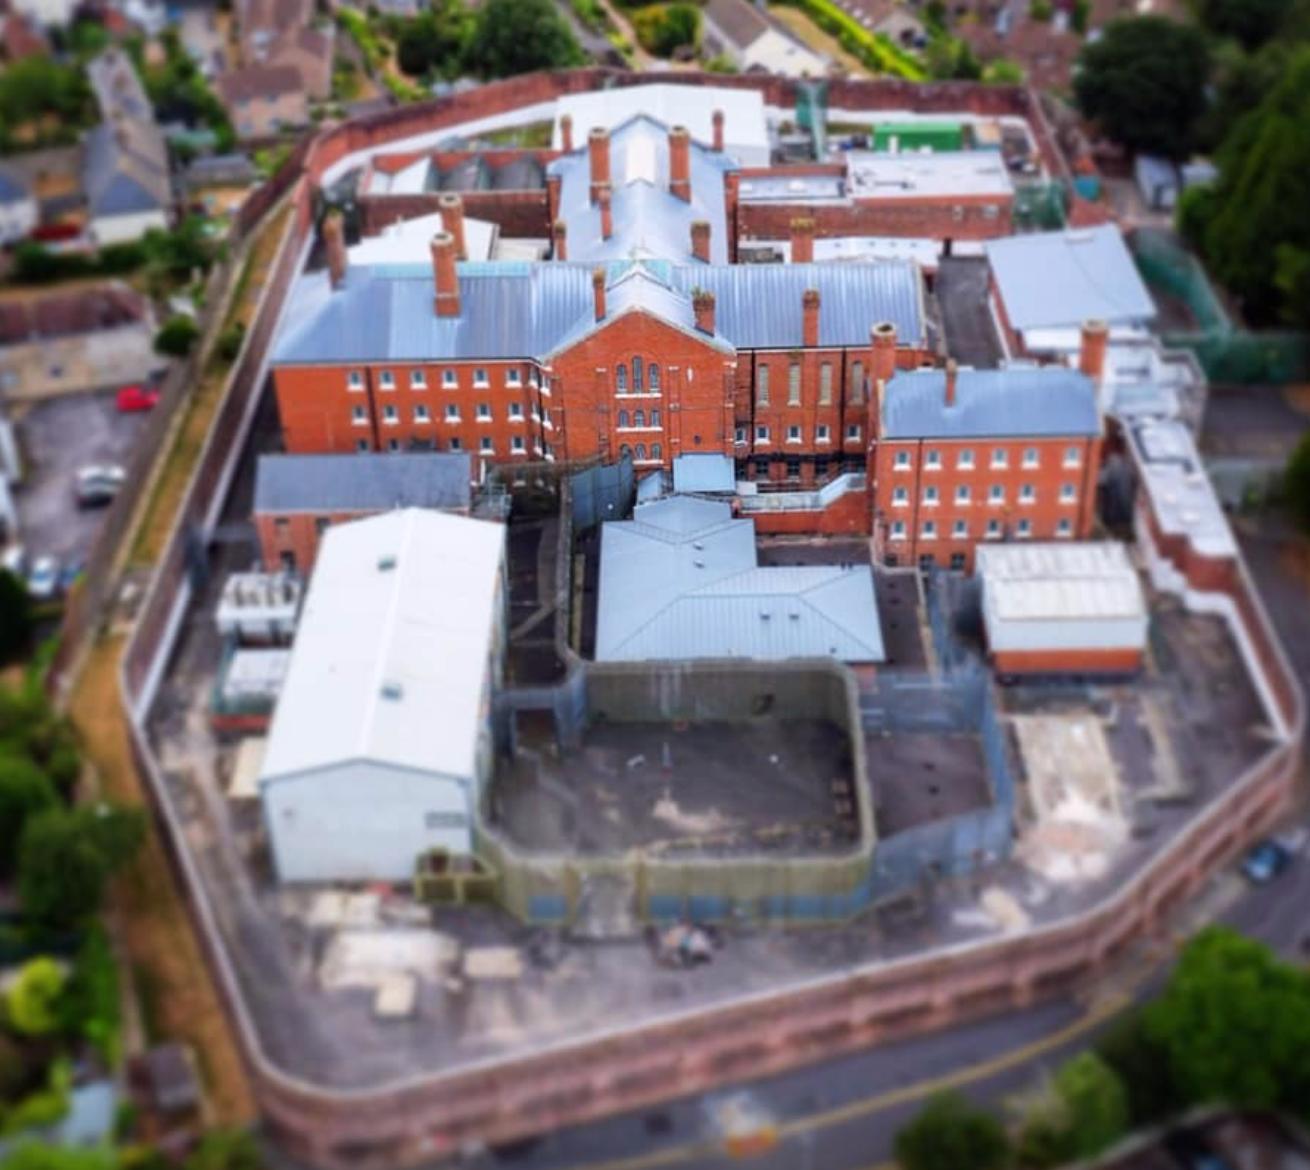 Dorchester Prison UCAP Valiant